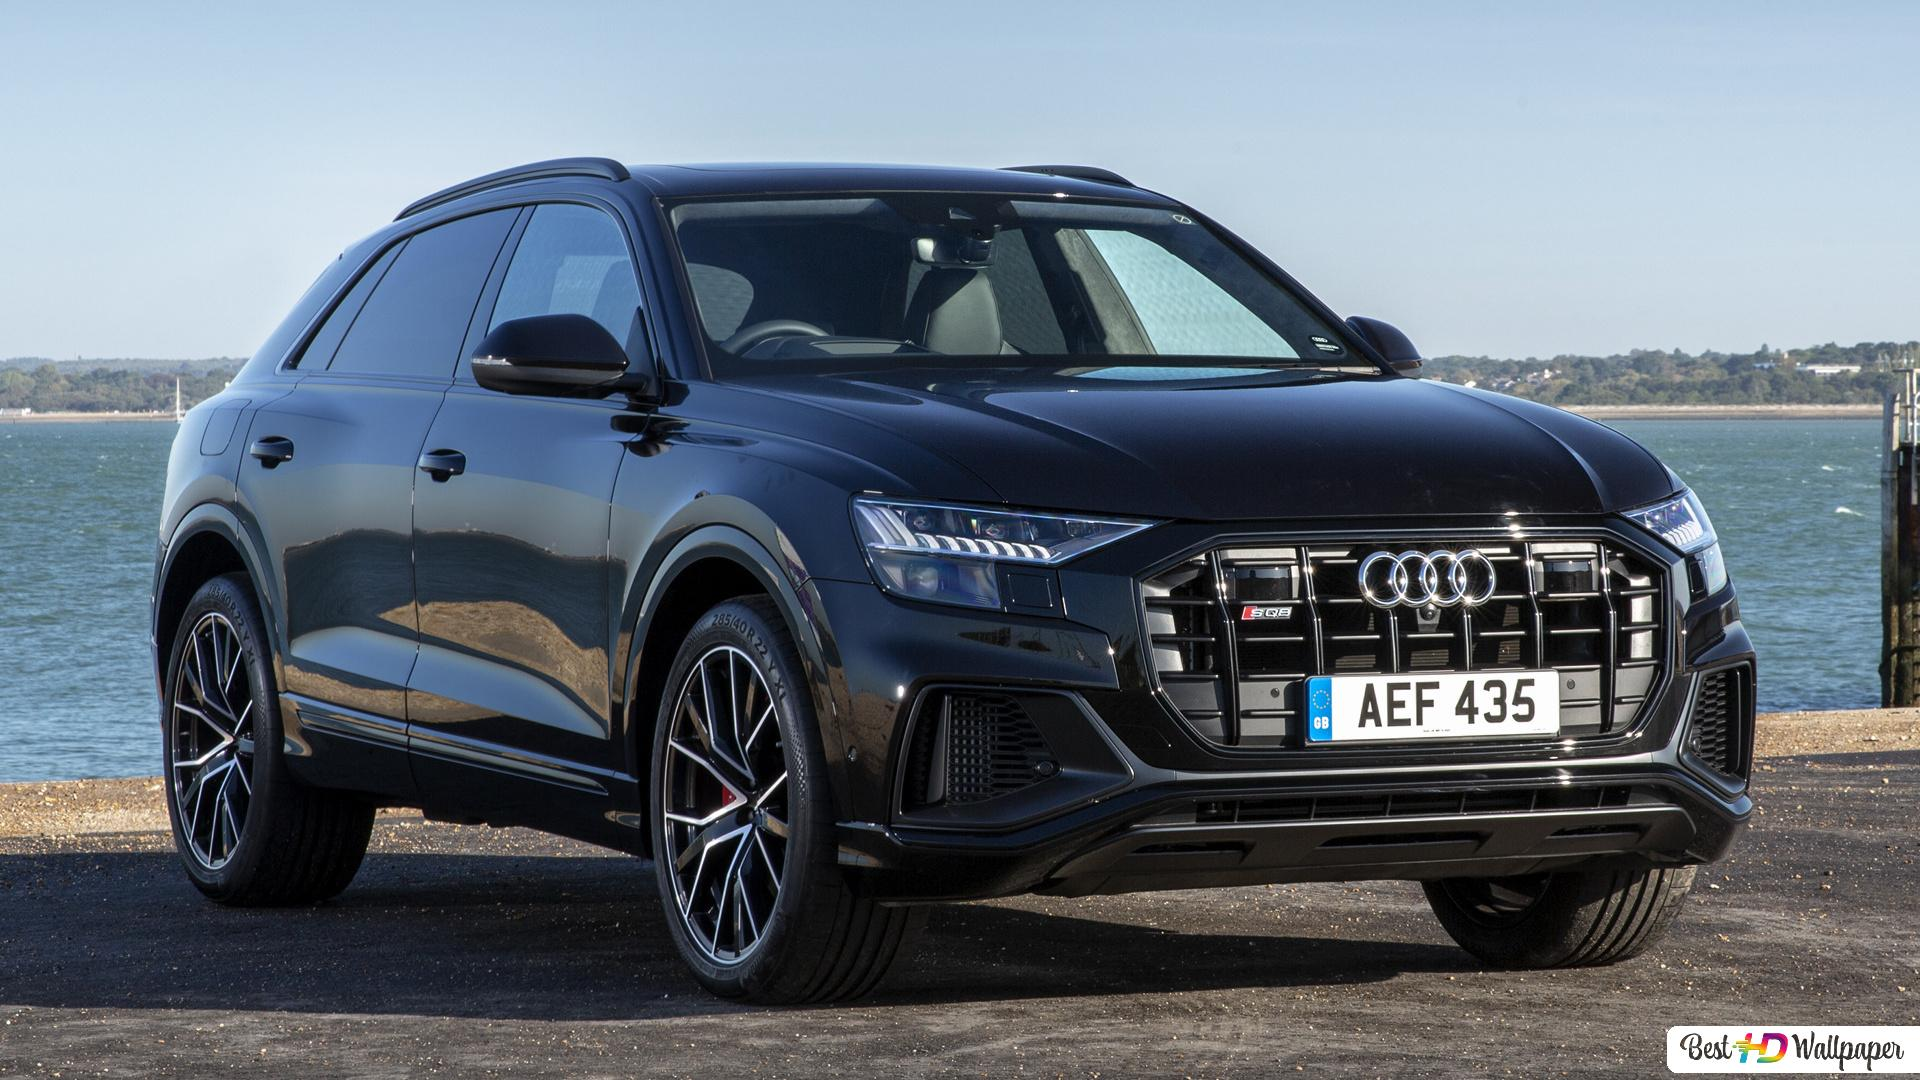 Kelebihan Audi Sq8 2019 Murah Berkualitas